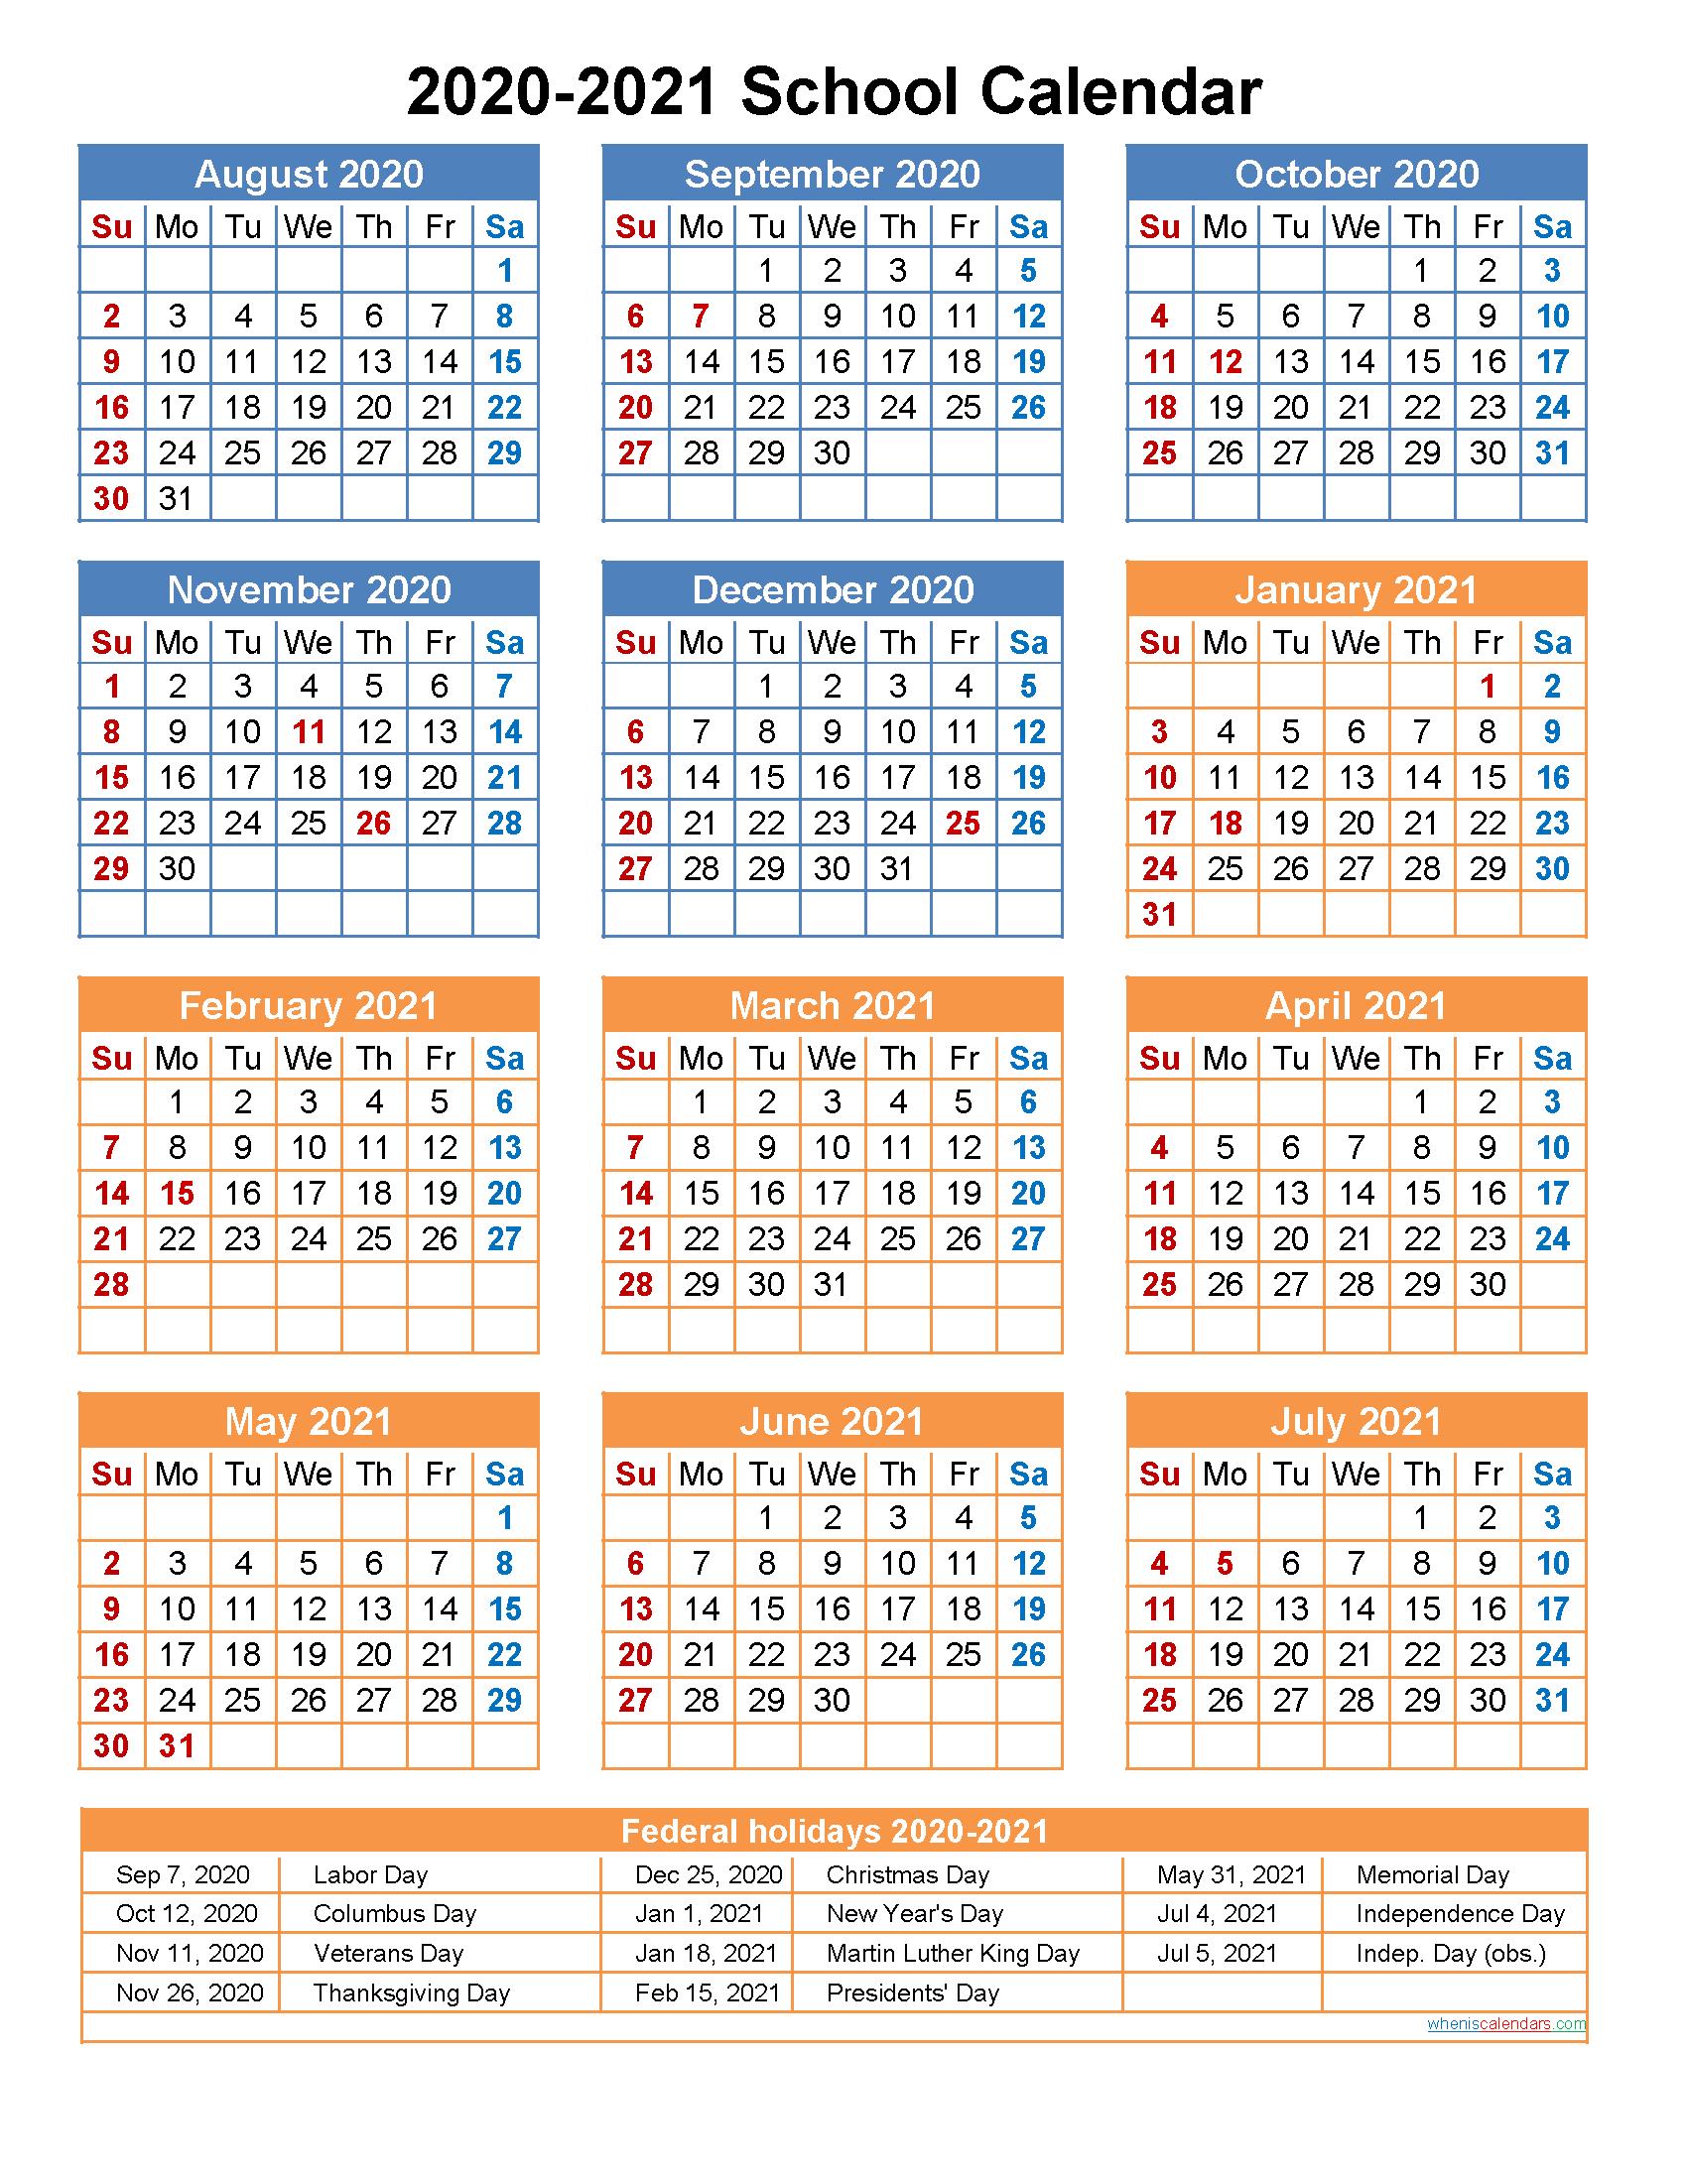 2020 And 2021 School Calendar Printable (Portrait With Academic Calendar Chamberlain 2021